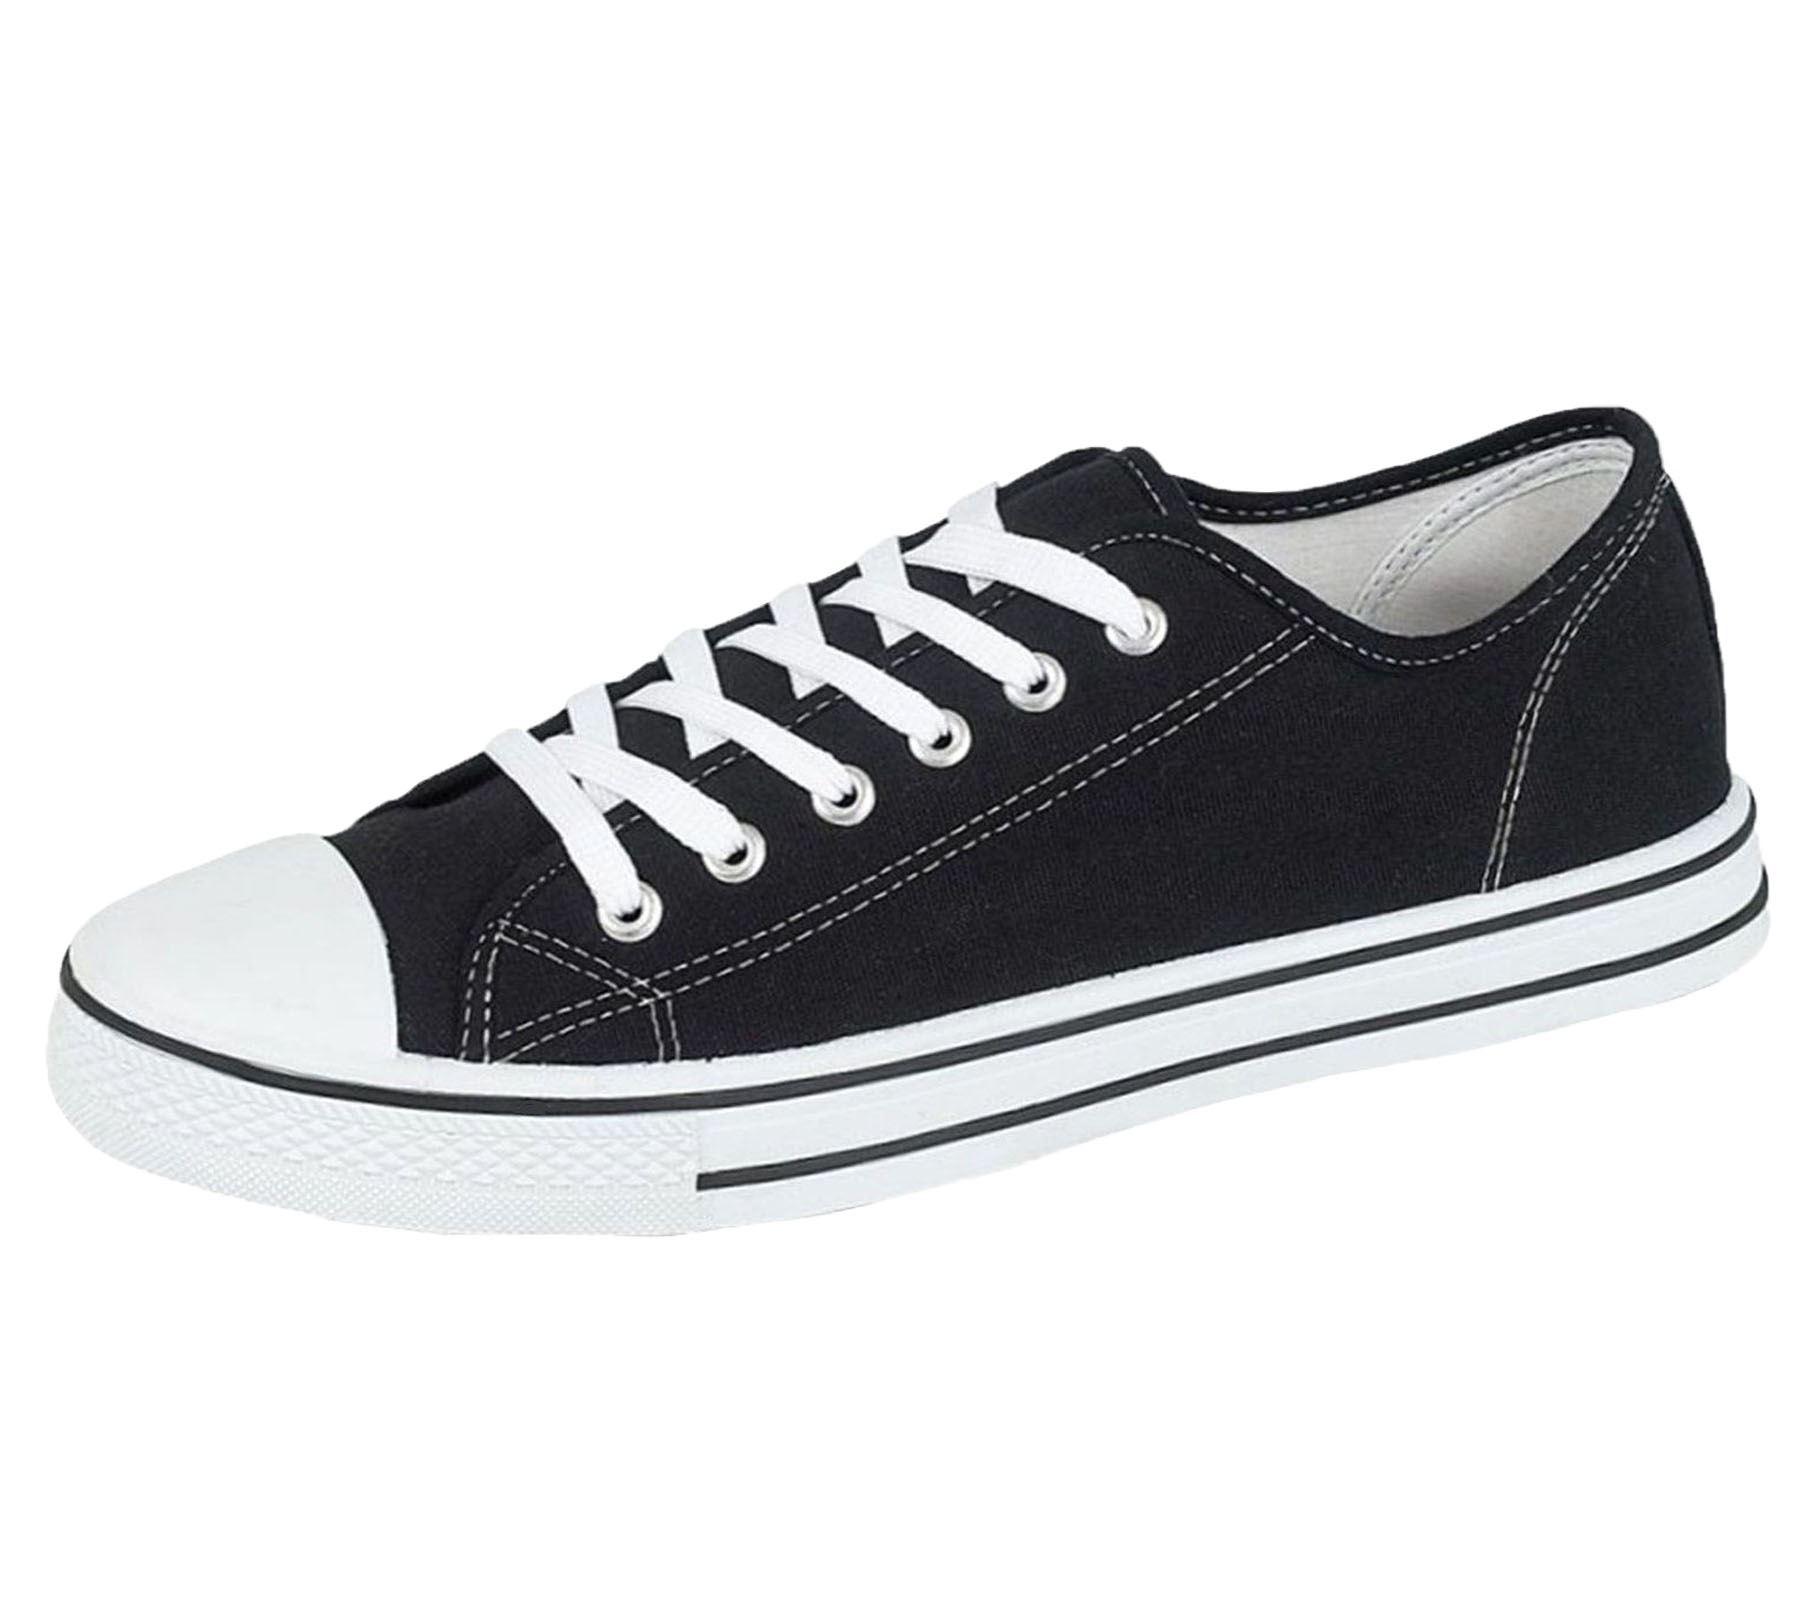 Mens-Canvas-Shoes-Plimsole-Trainer-Pumps-Lace-Up-Flat-Shoes thumbnail 9